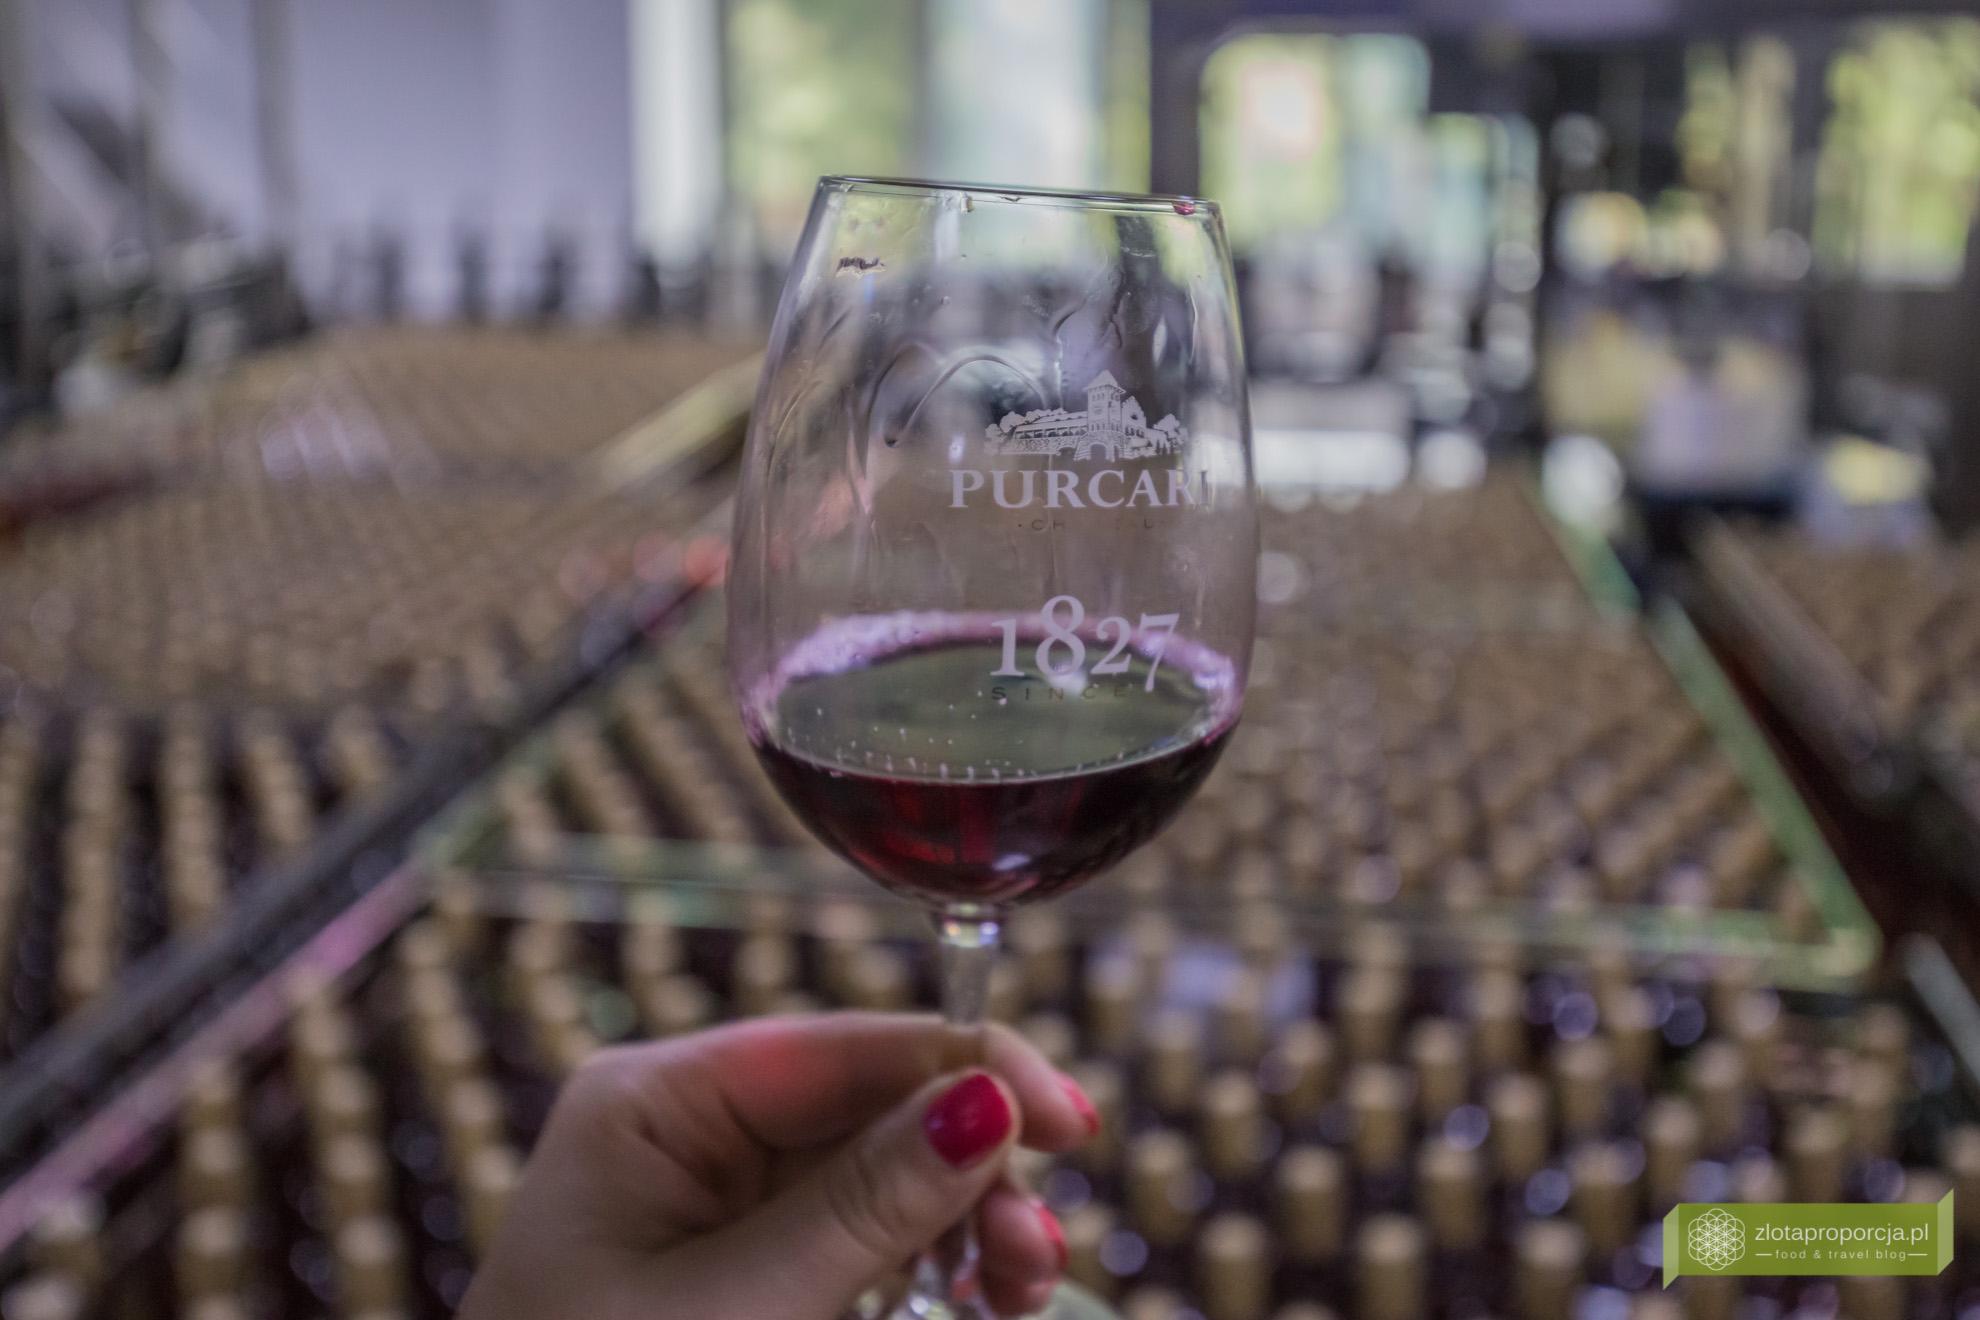 Mołdawia, wino mołdawskie, winnice Mołdawii, winnica Purcari